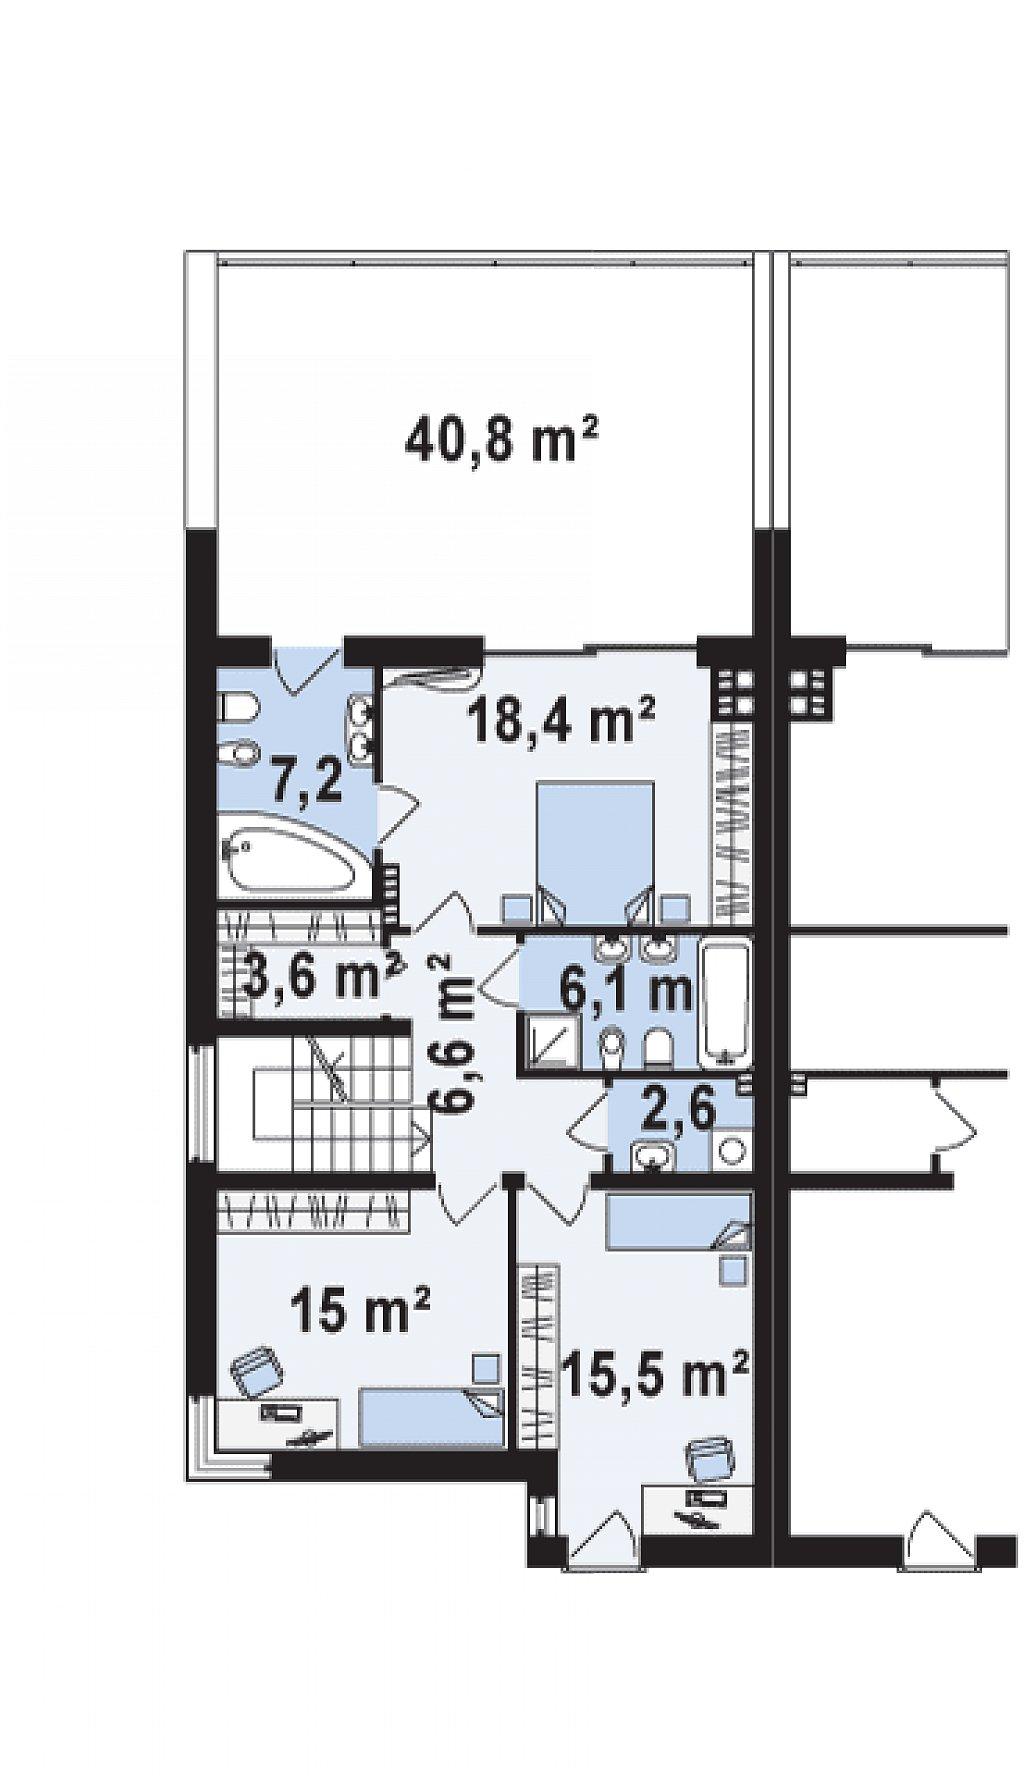 Дома для симметричной застройки с гаражом оригинального современного дизайна. план помещений 2